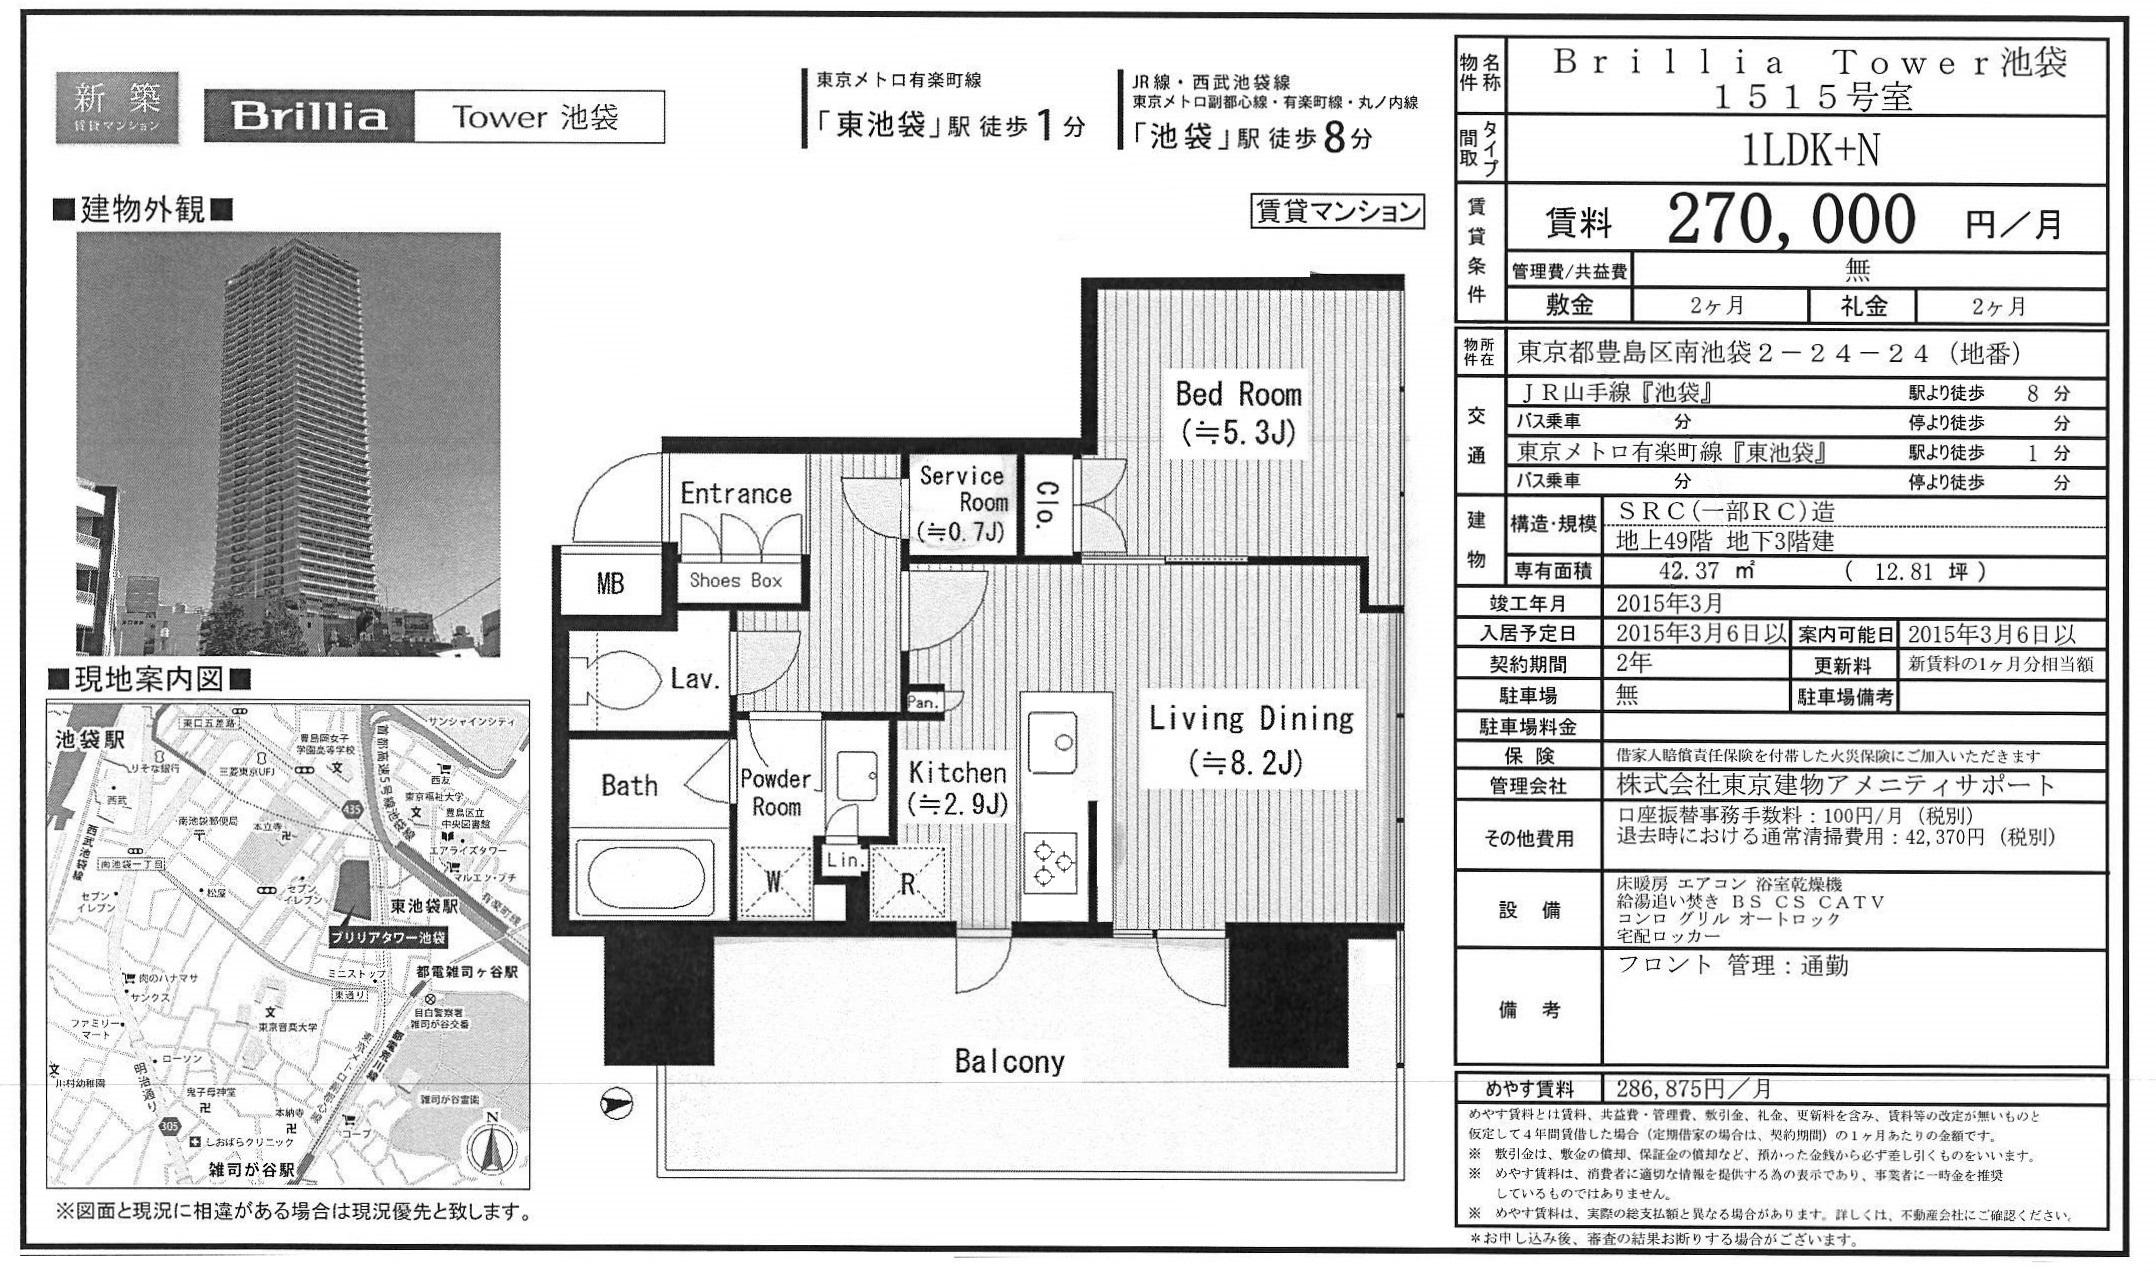 ブリリアタワー池袋図面1515号室